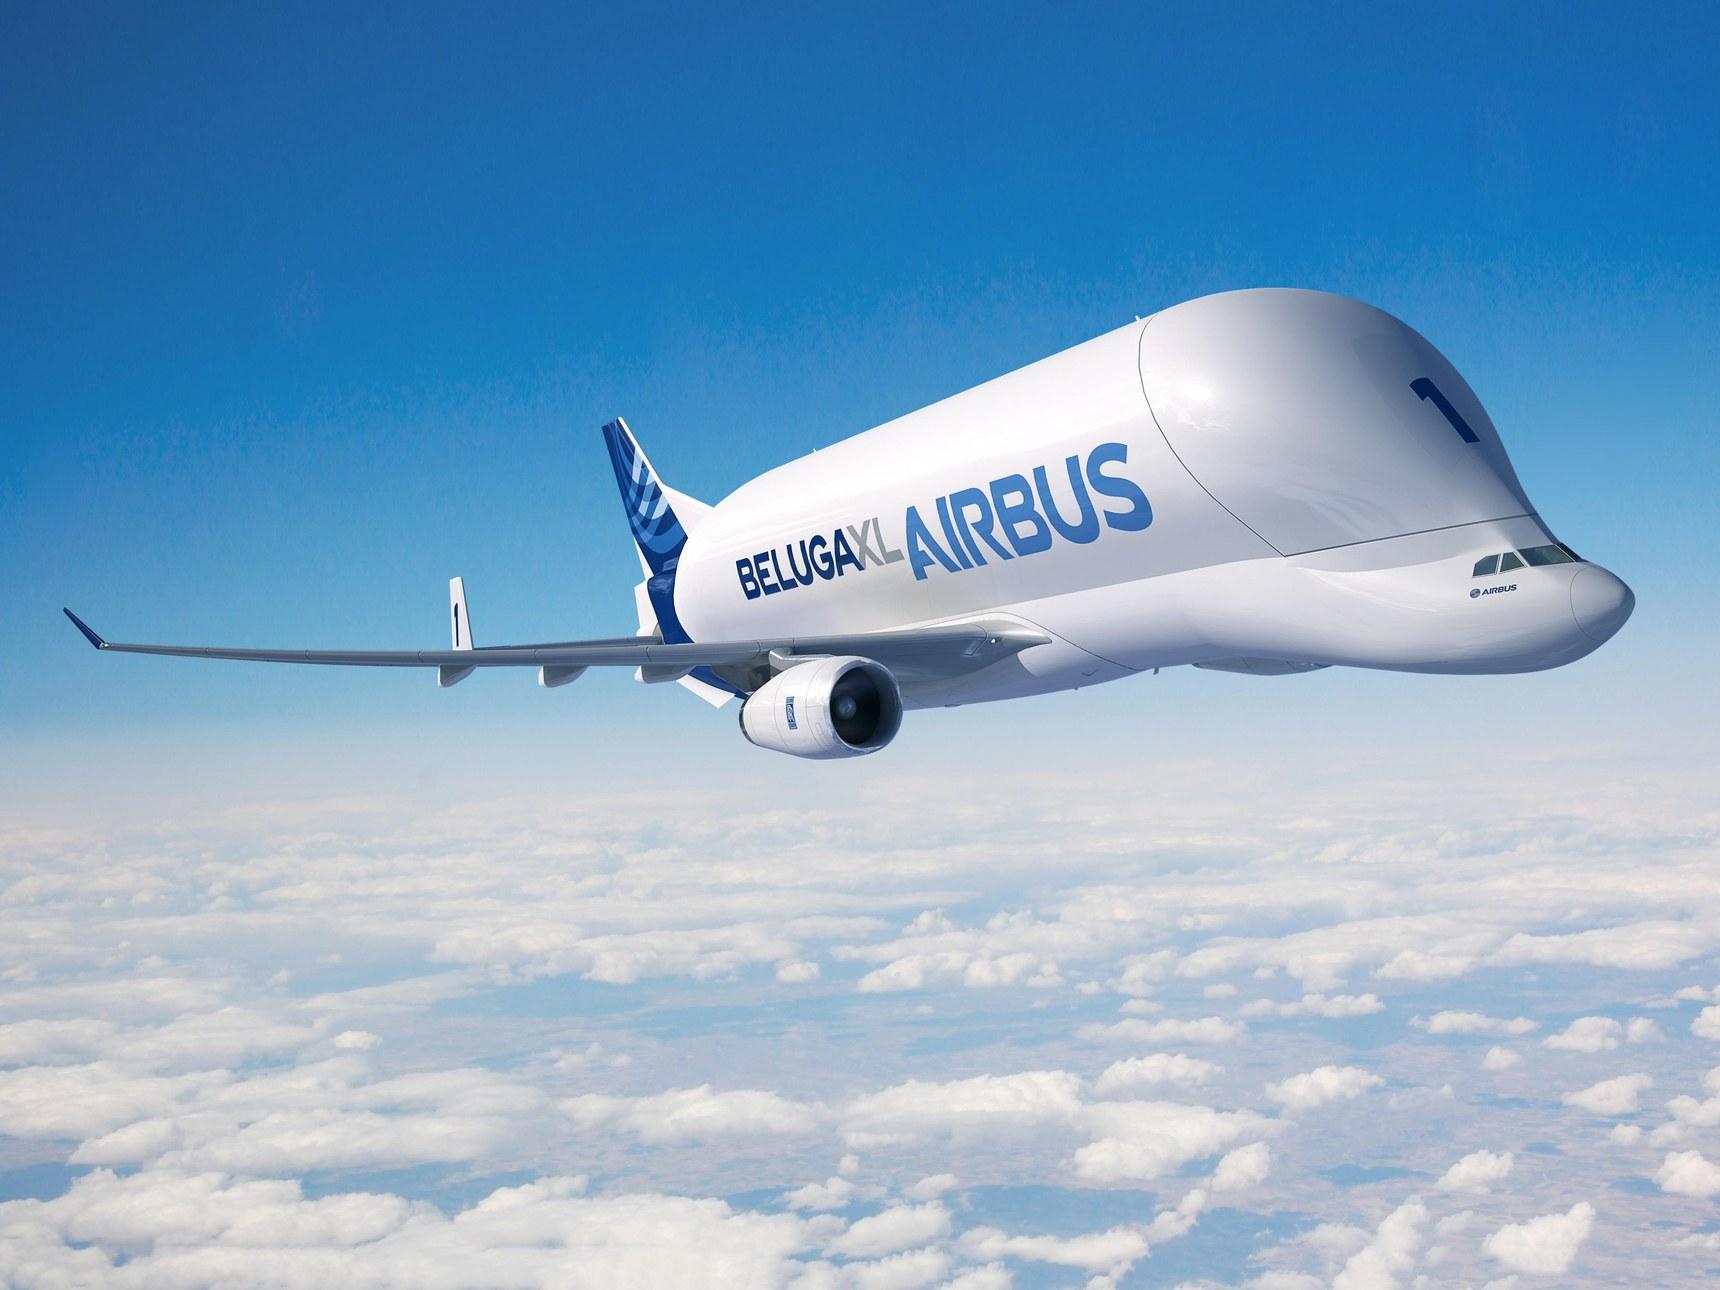 airbus-gli-ordini-delle-compagnie-aeree-2